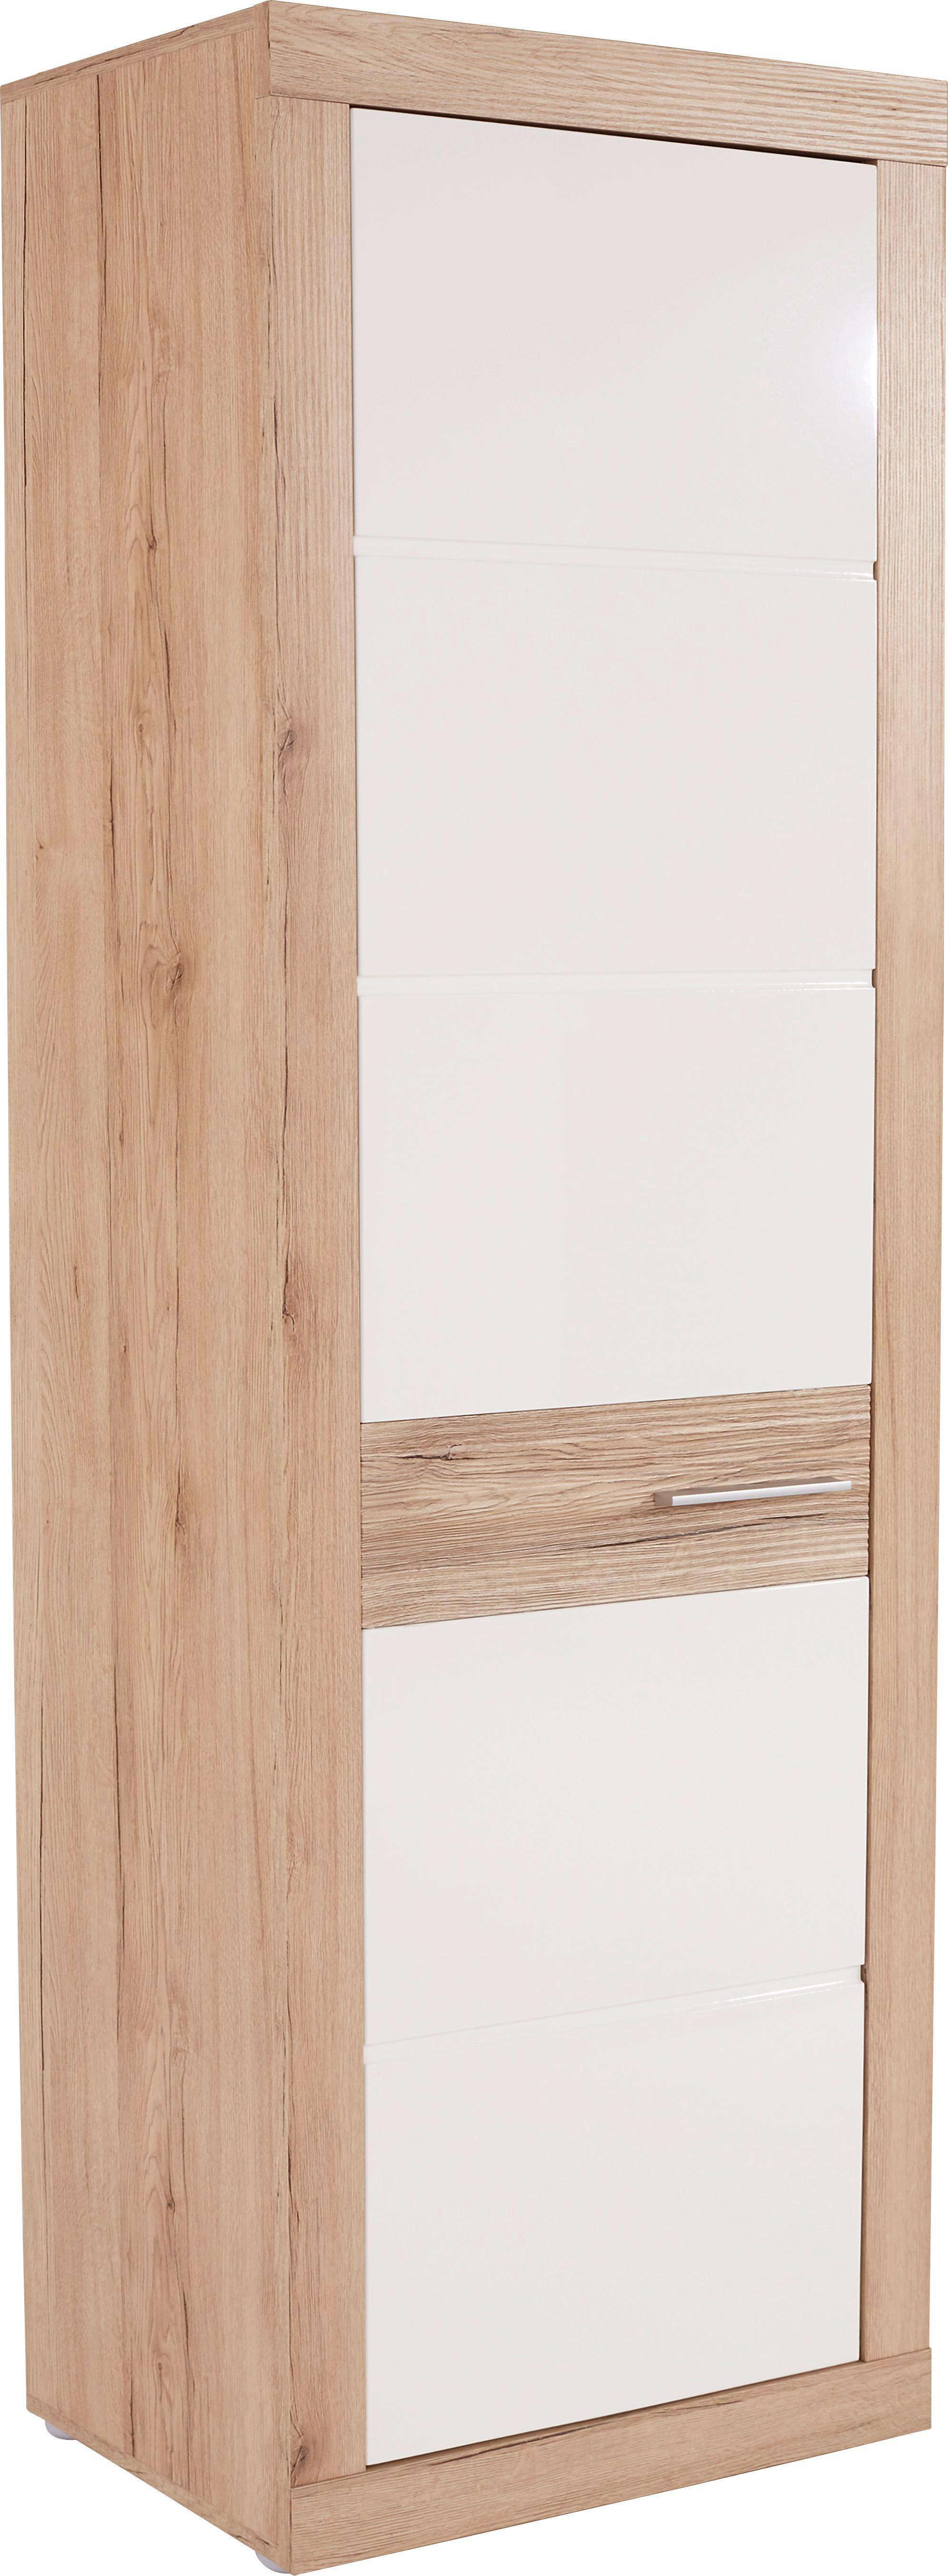 Szekrény Malta - tölgy színű/fehér, modern, faanyagok (63,9/196,6/34,9cm)